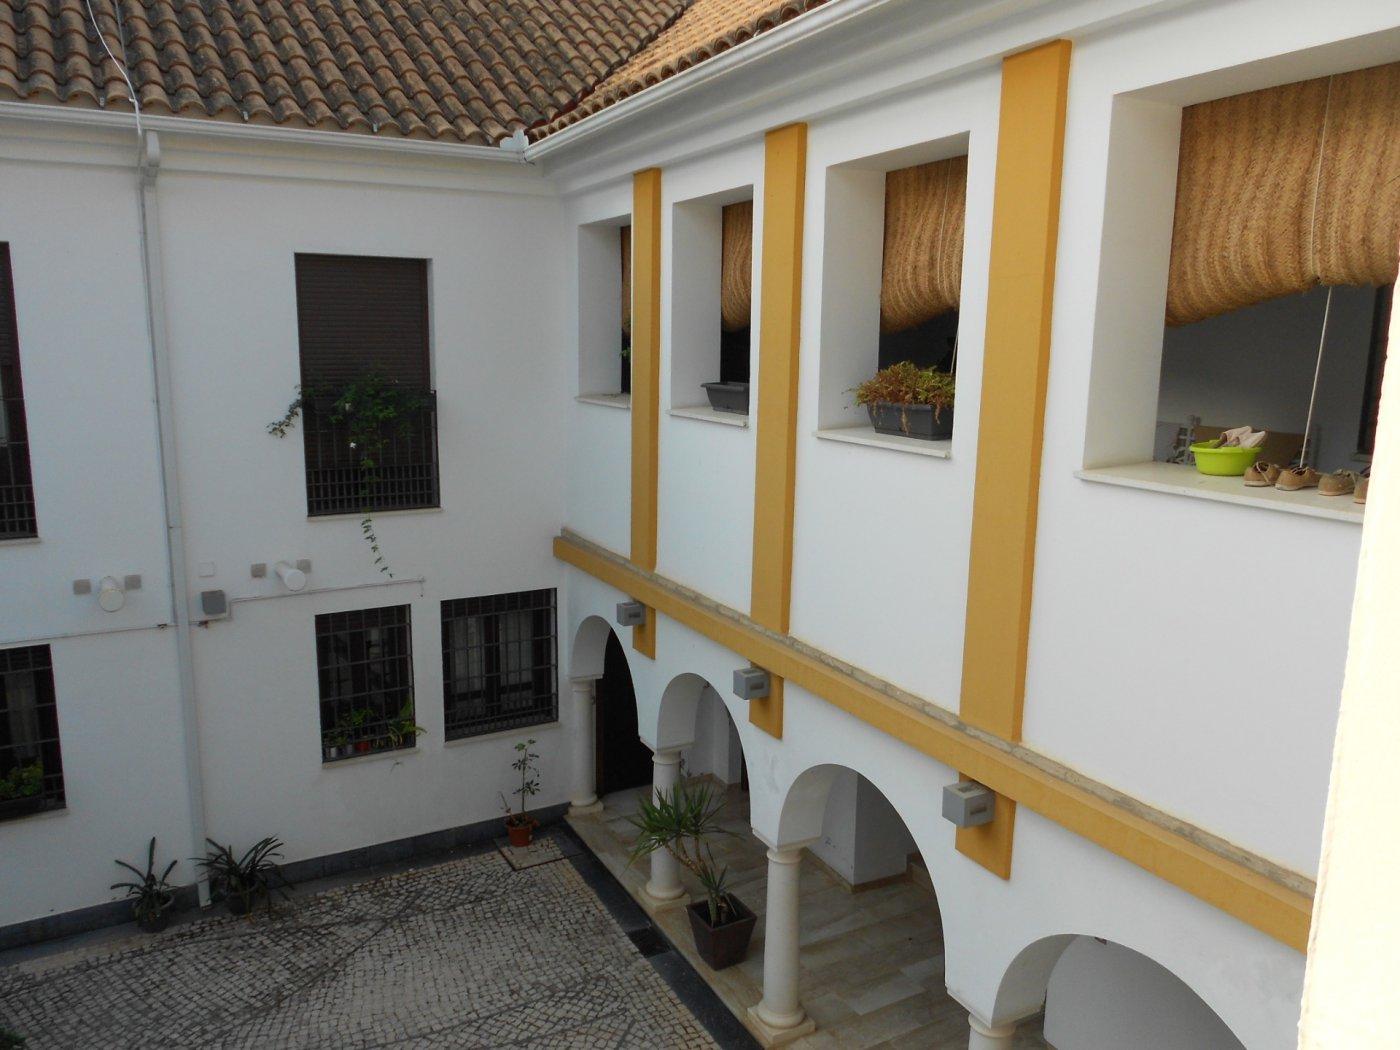 Casa adosada entre ollerÍas y san agustÍn - imagenInmueble24